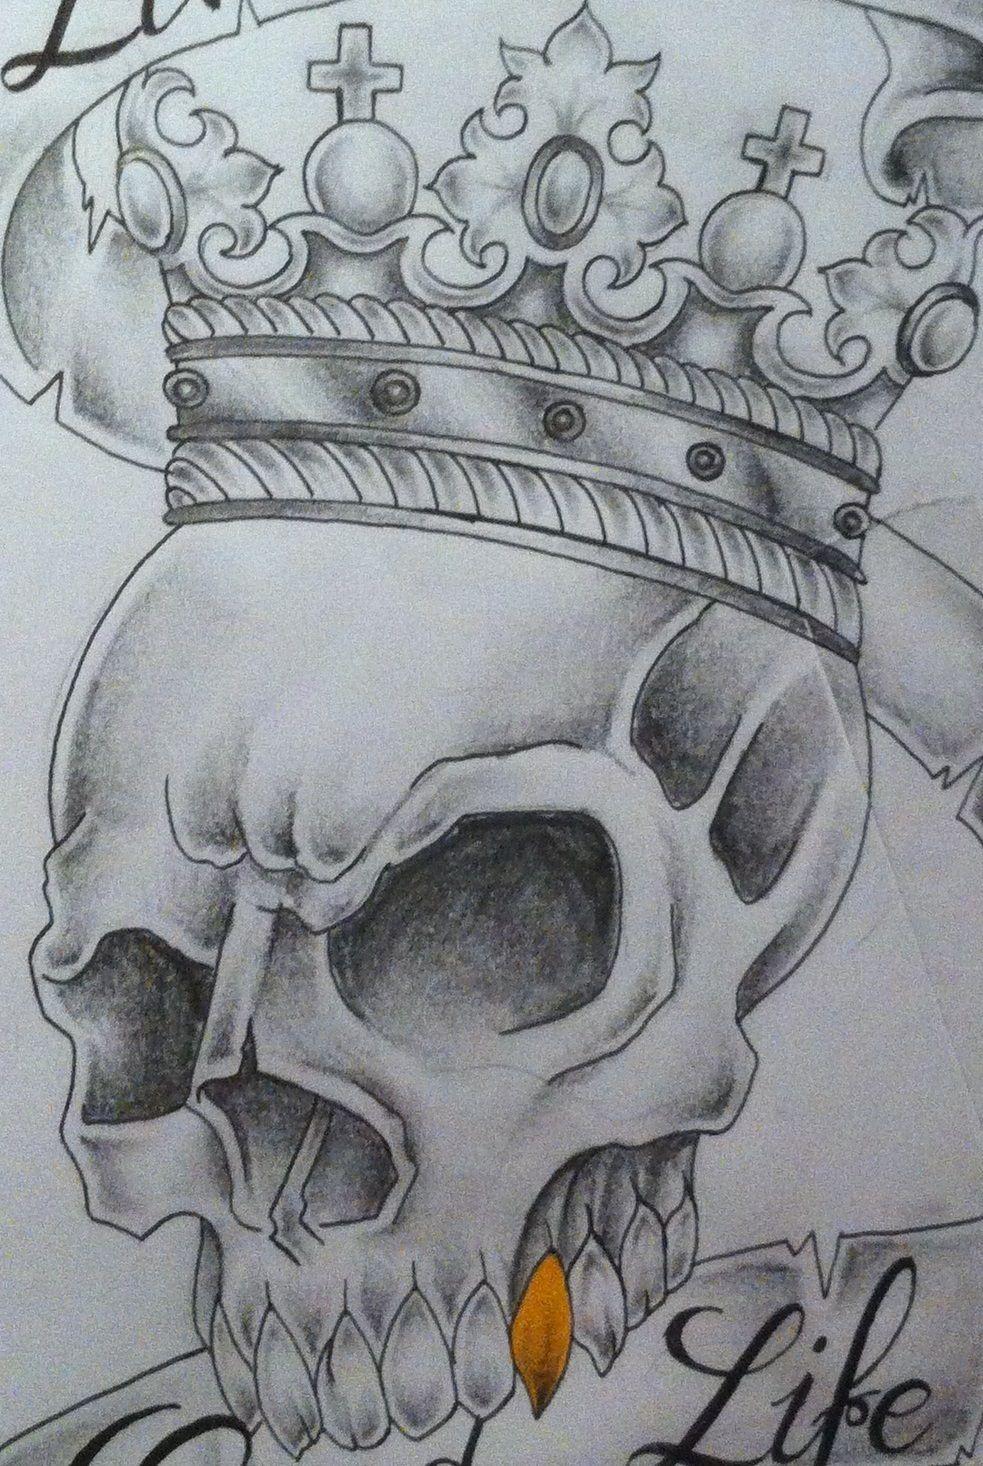 92260436f Skull with crown tattoo design by tattoosuzette.deviantart.com on @ deviantART